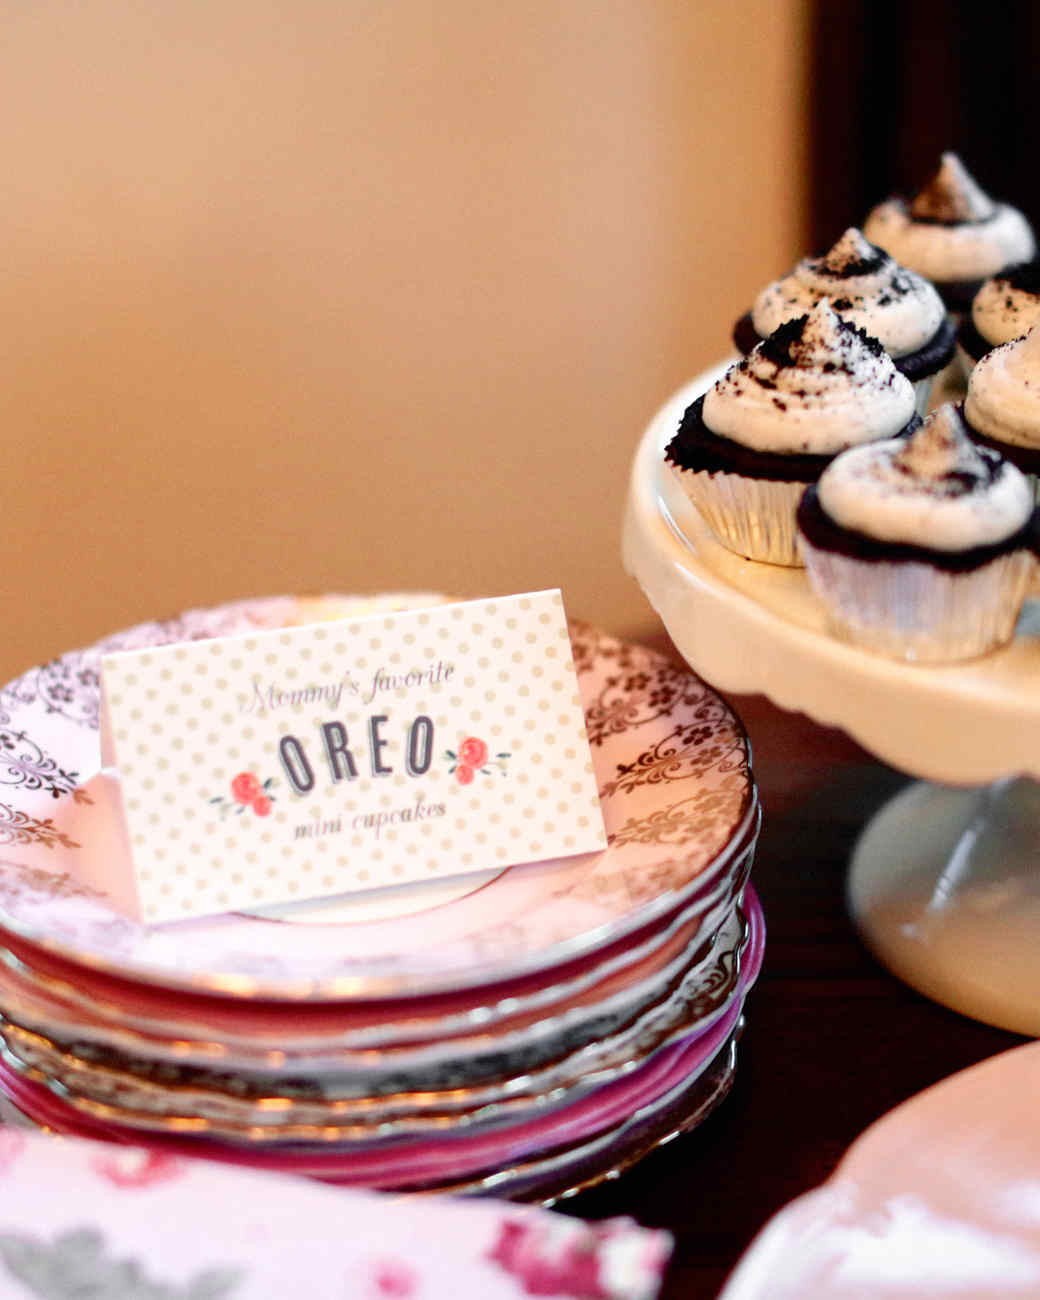 oreo-cupcakes-mary-harrington-baby-shower-091-jan13.jpg